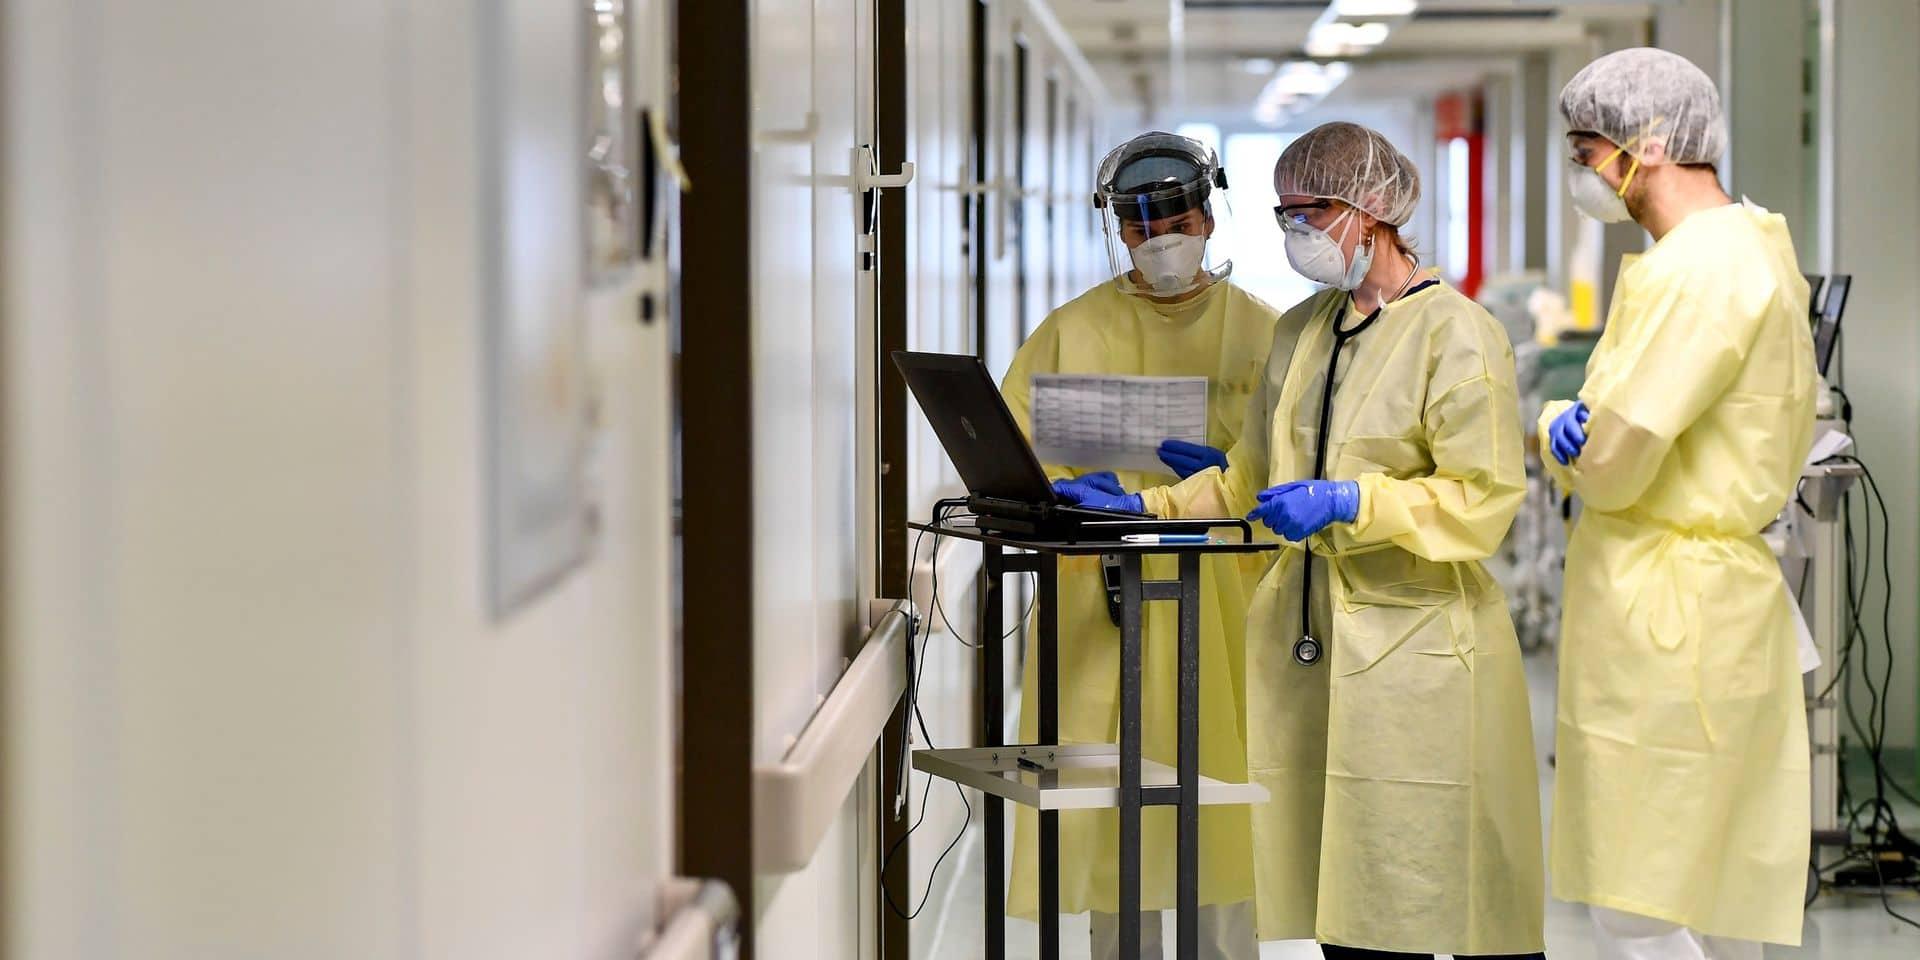 Huit infirmiers sur dix favorables à la vaccination, selon une étude de l'UGIB